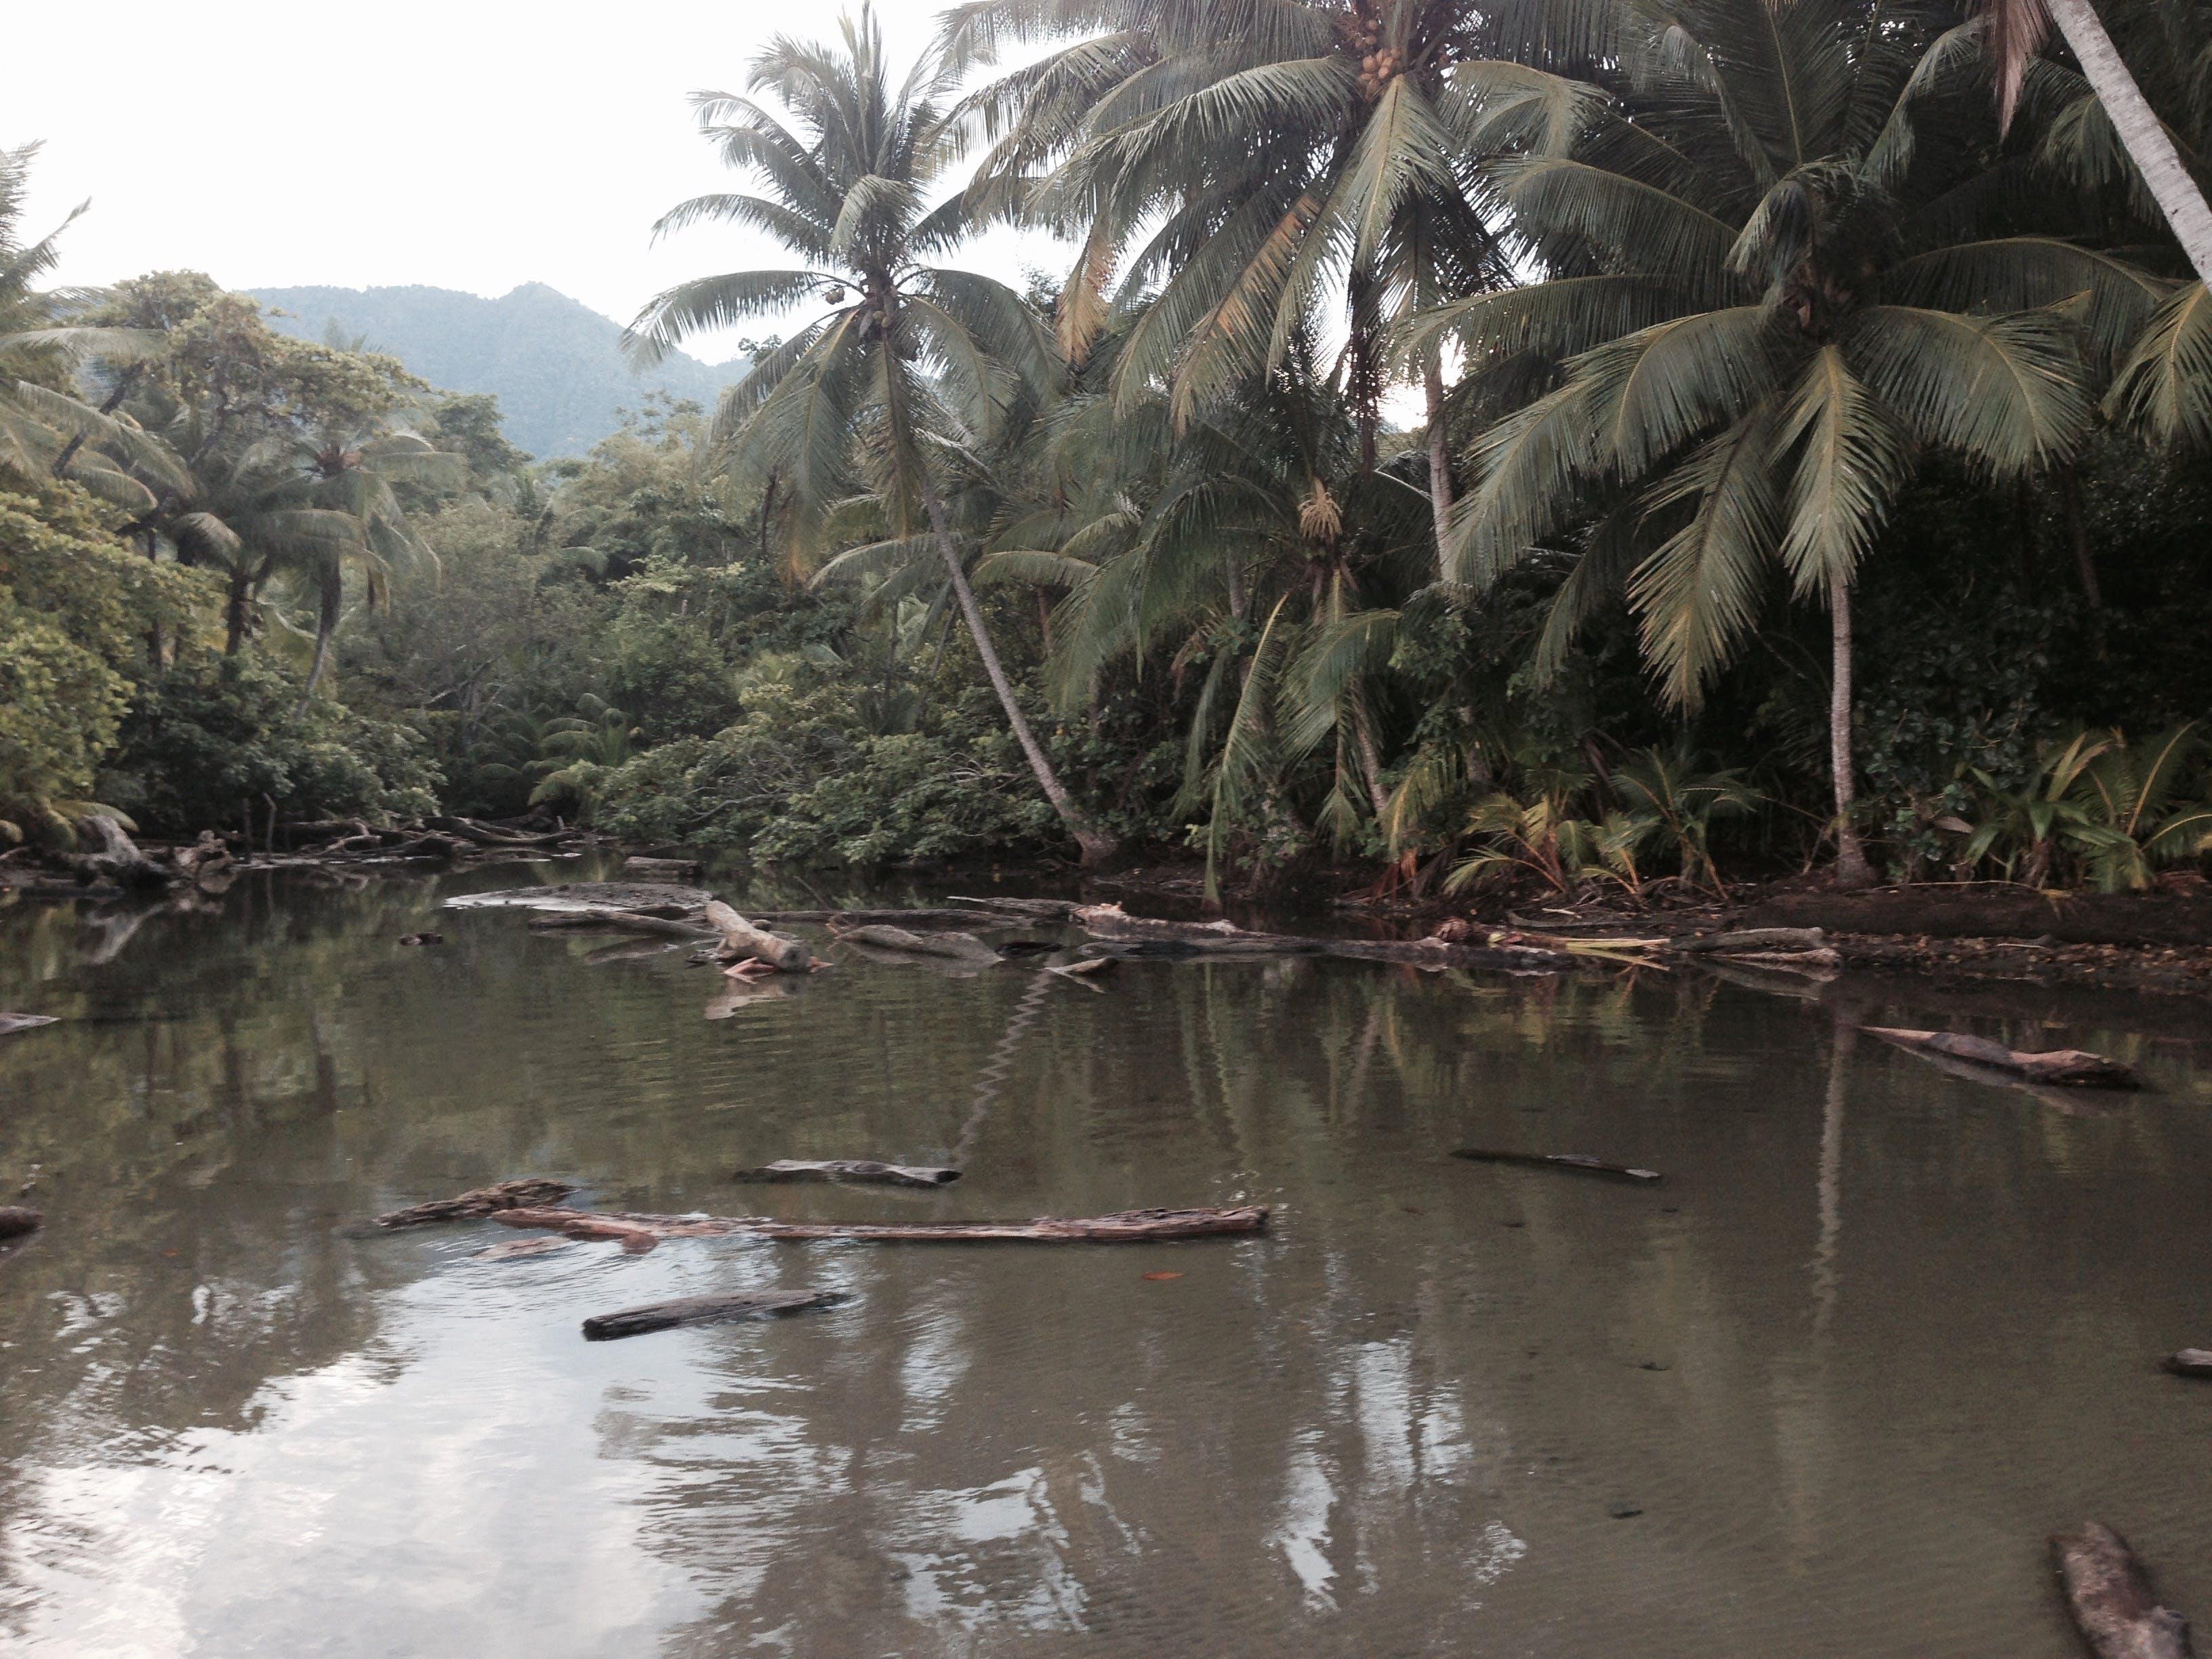 Free stock photo of Costa Rica, jungle, river